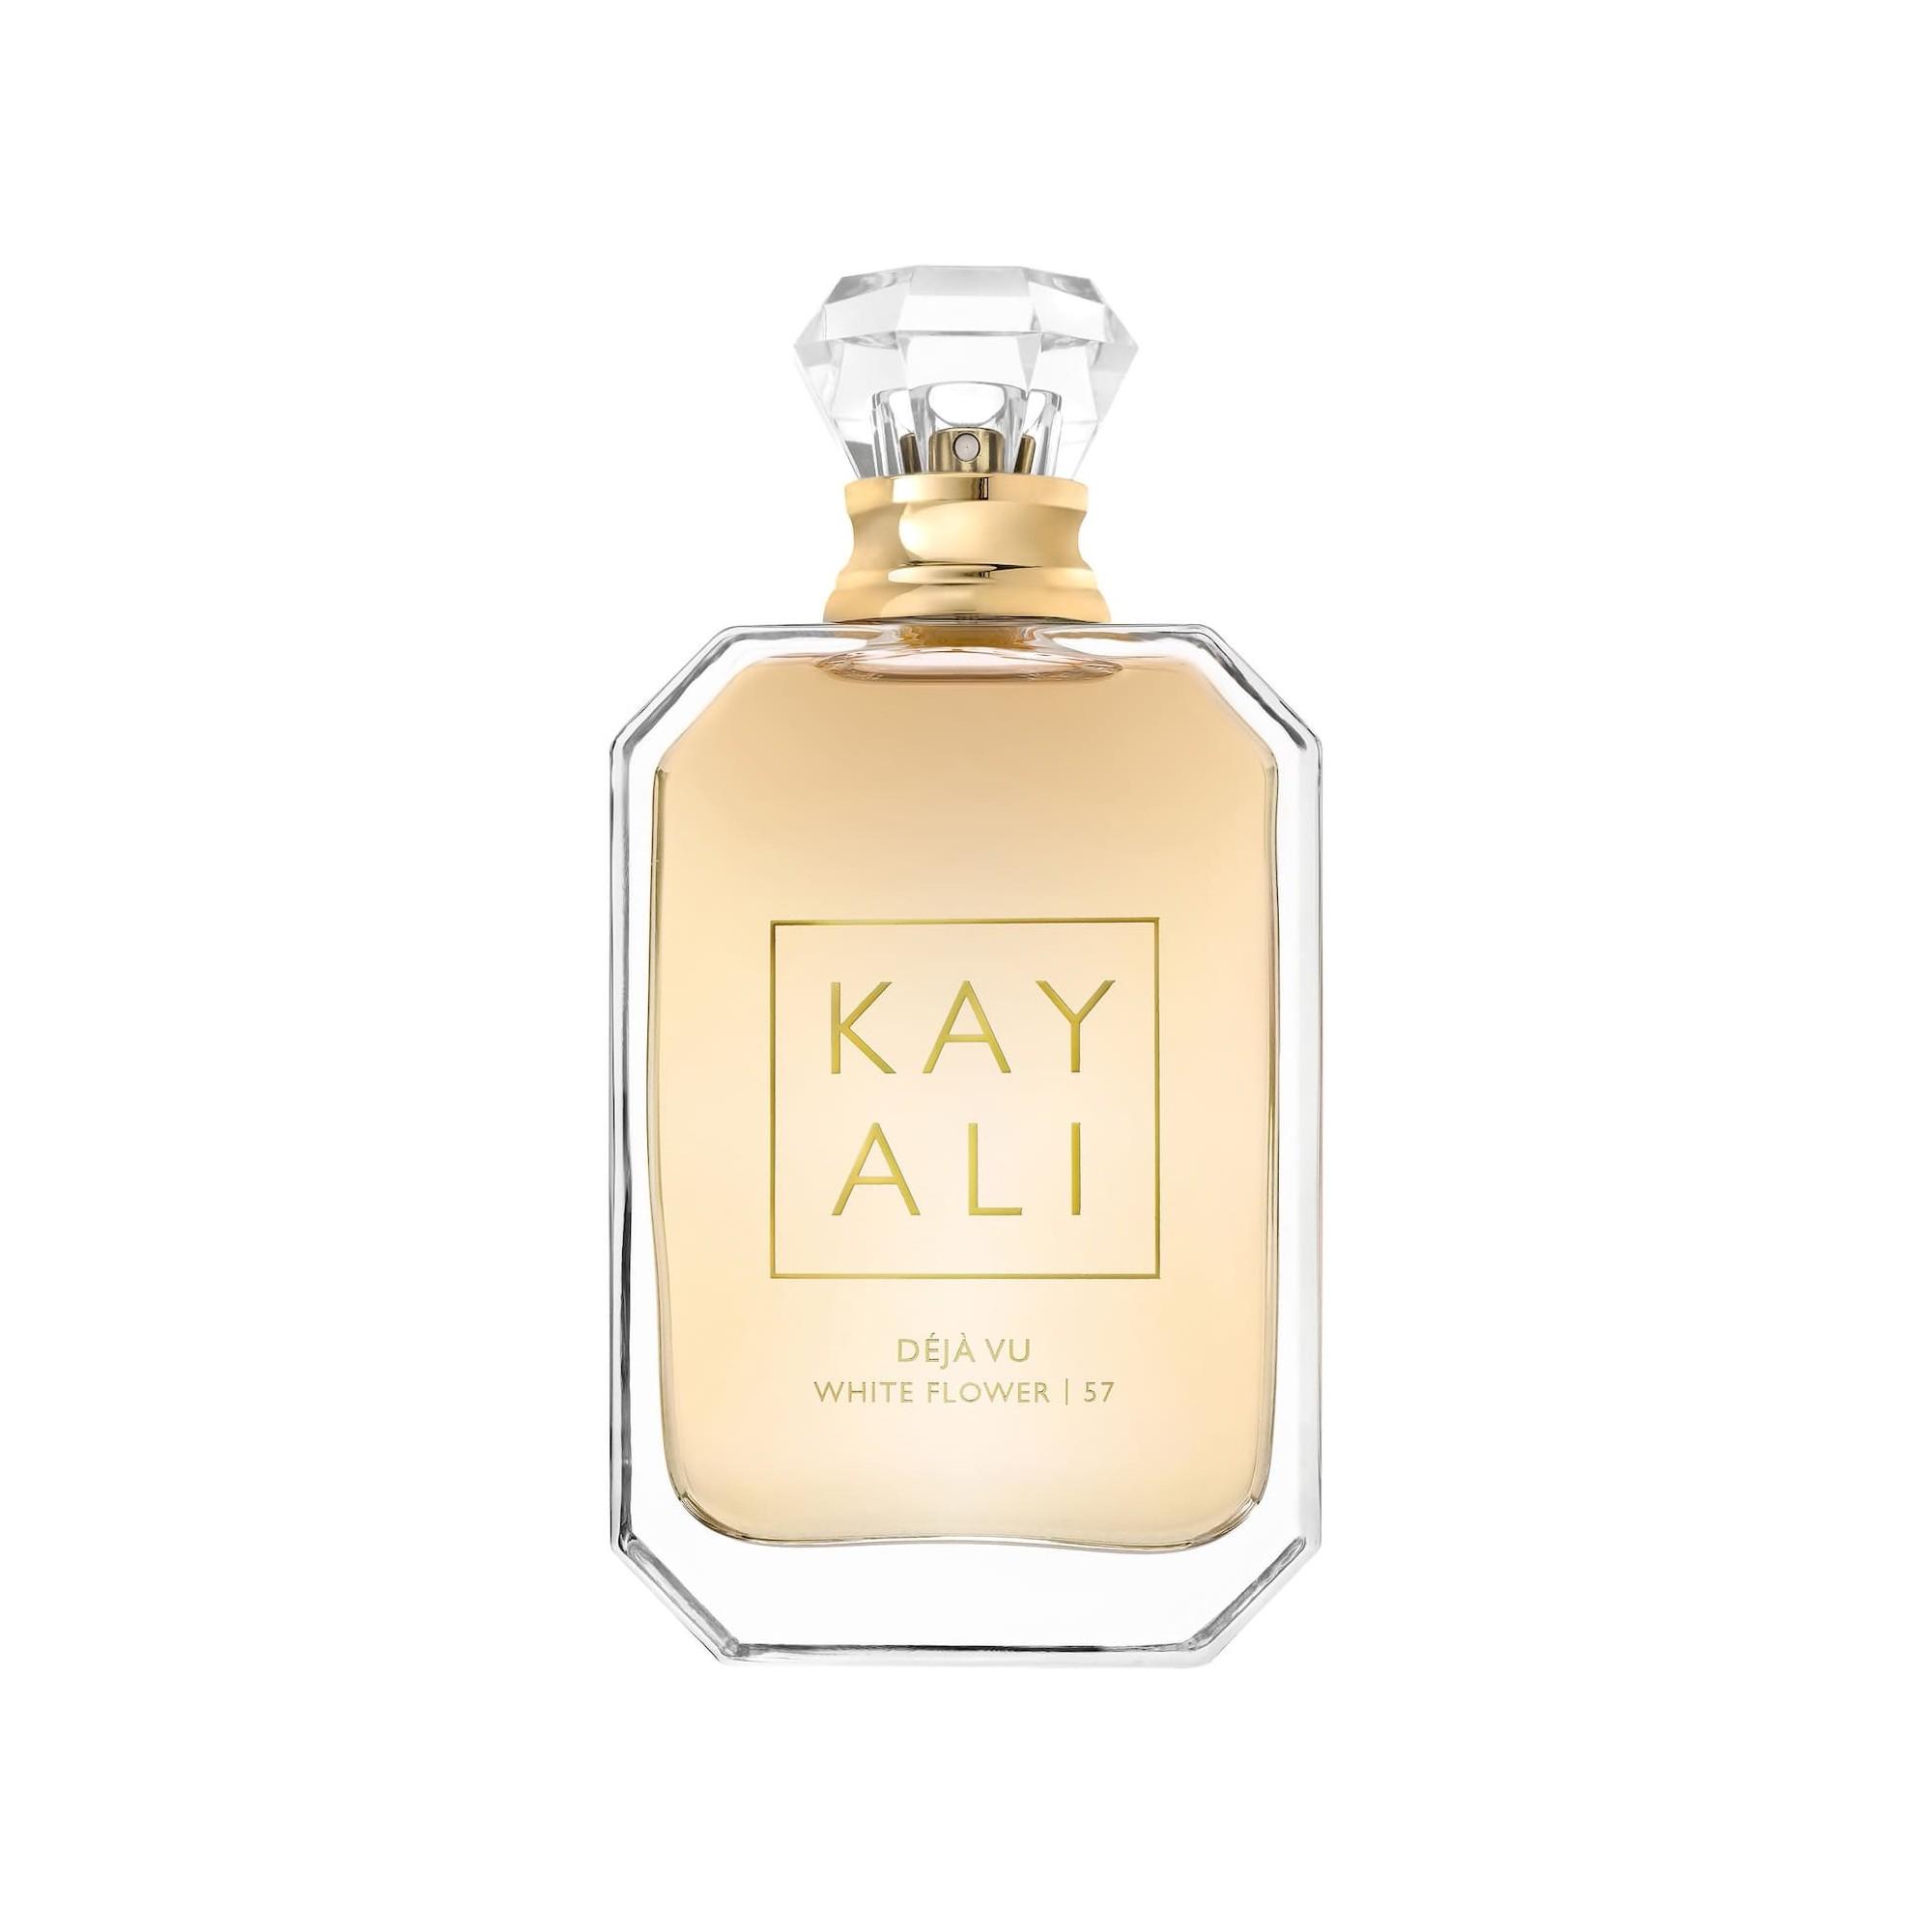 Kayali Déjà Vu White Flower 57